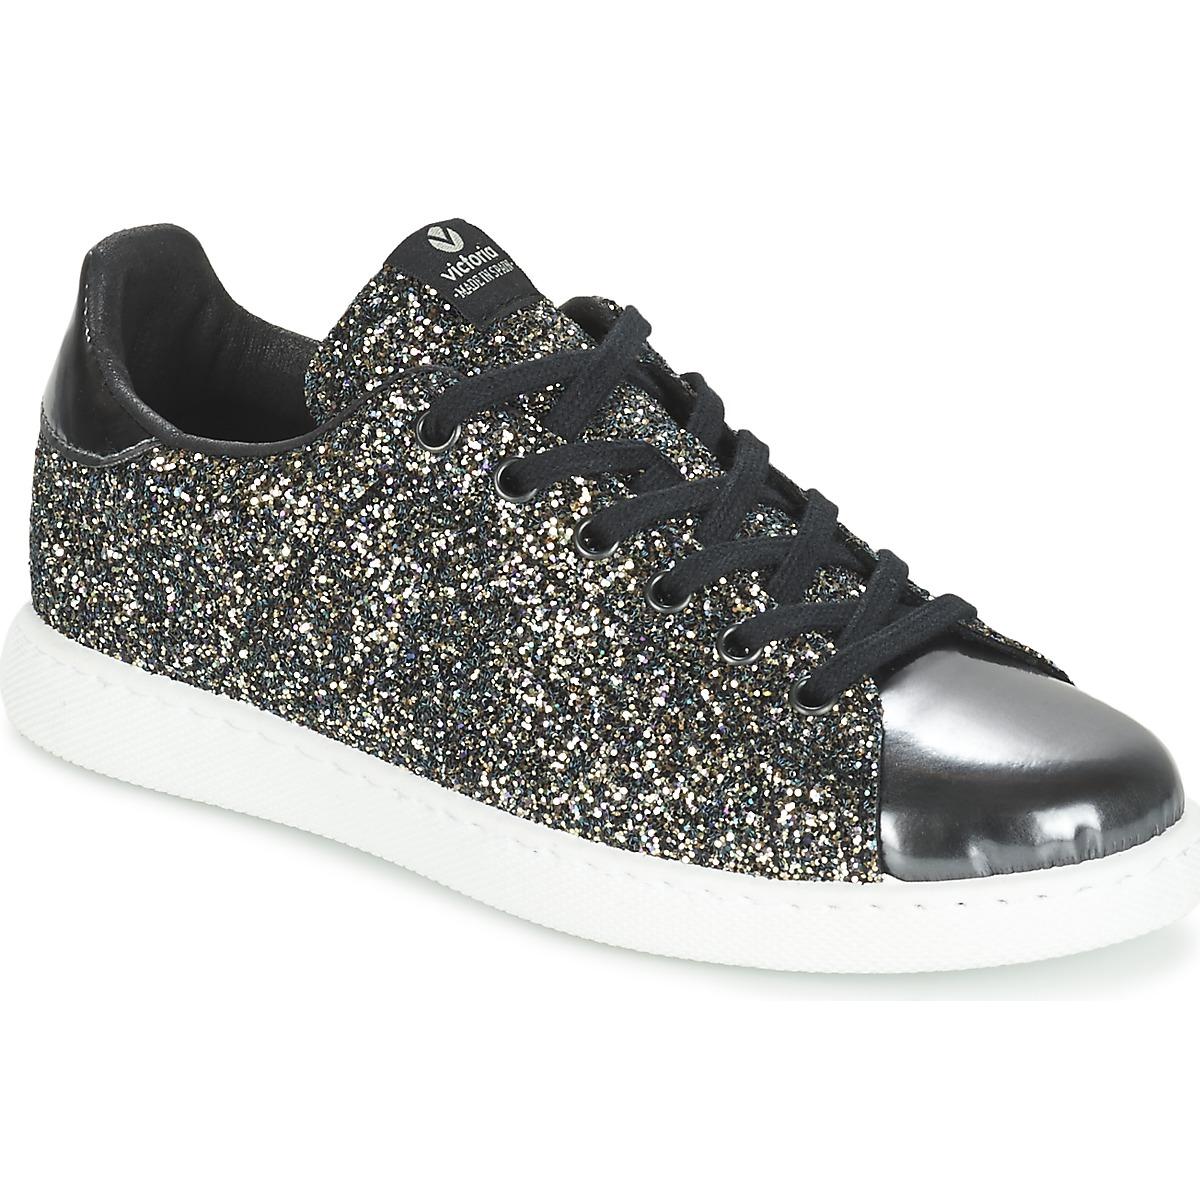 Victoria Femme victoria sneakers noires Noir - Chaussures Baskets basses Femme